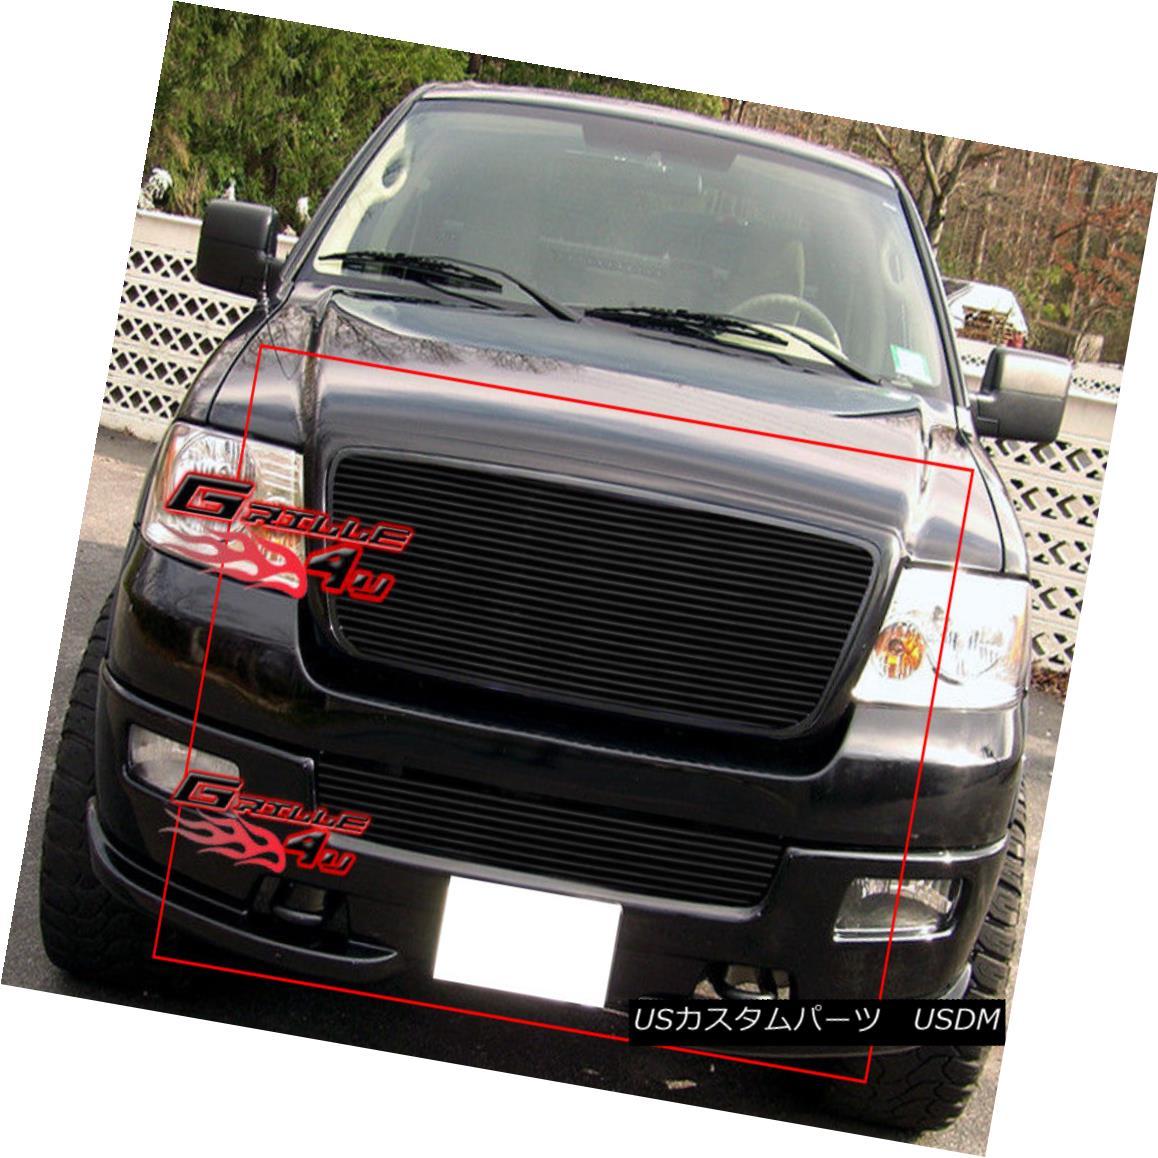 グリル For 04-05 Ford F-150 Honeycomb Black Billet Grille Combo 04-05フォードF-150ハニカムブラックビレットグリルコンボ用